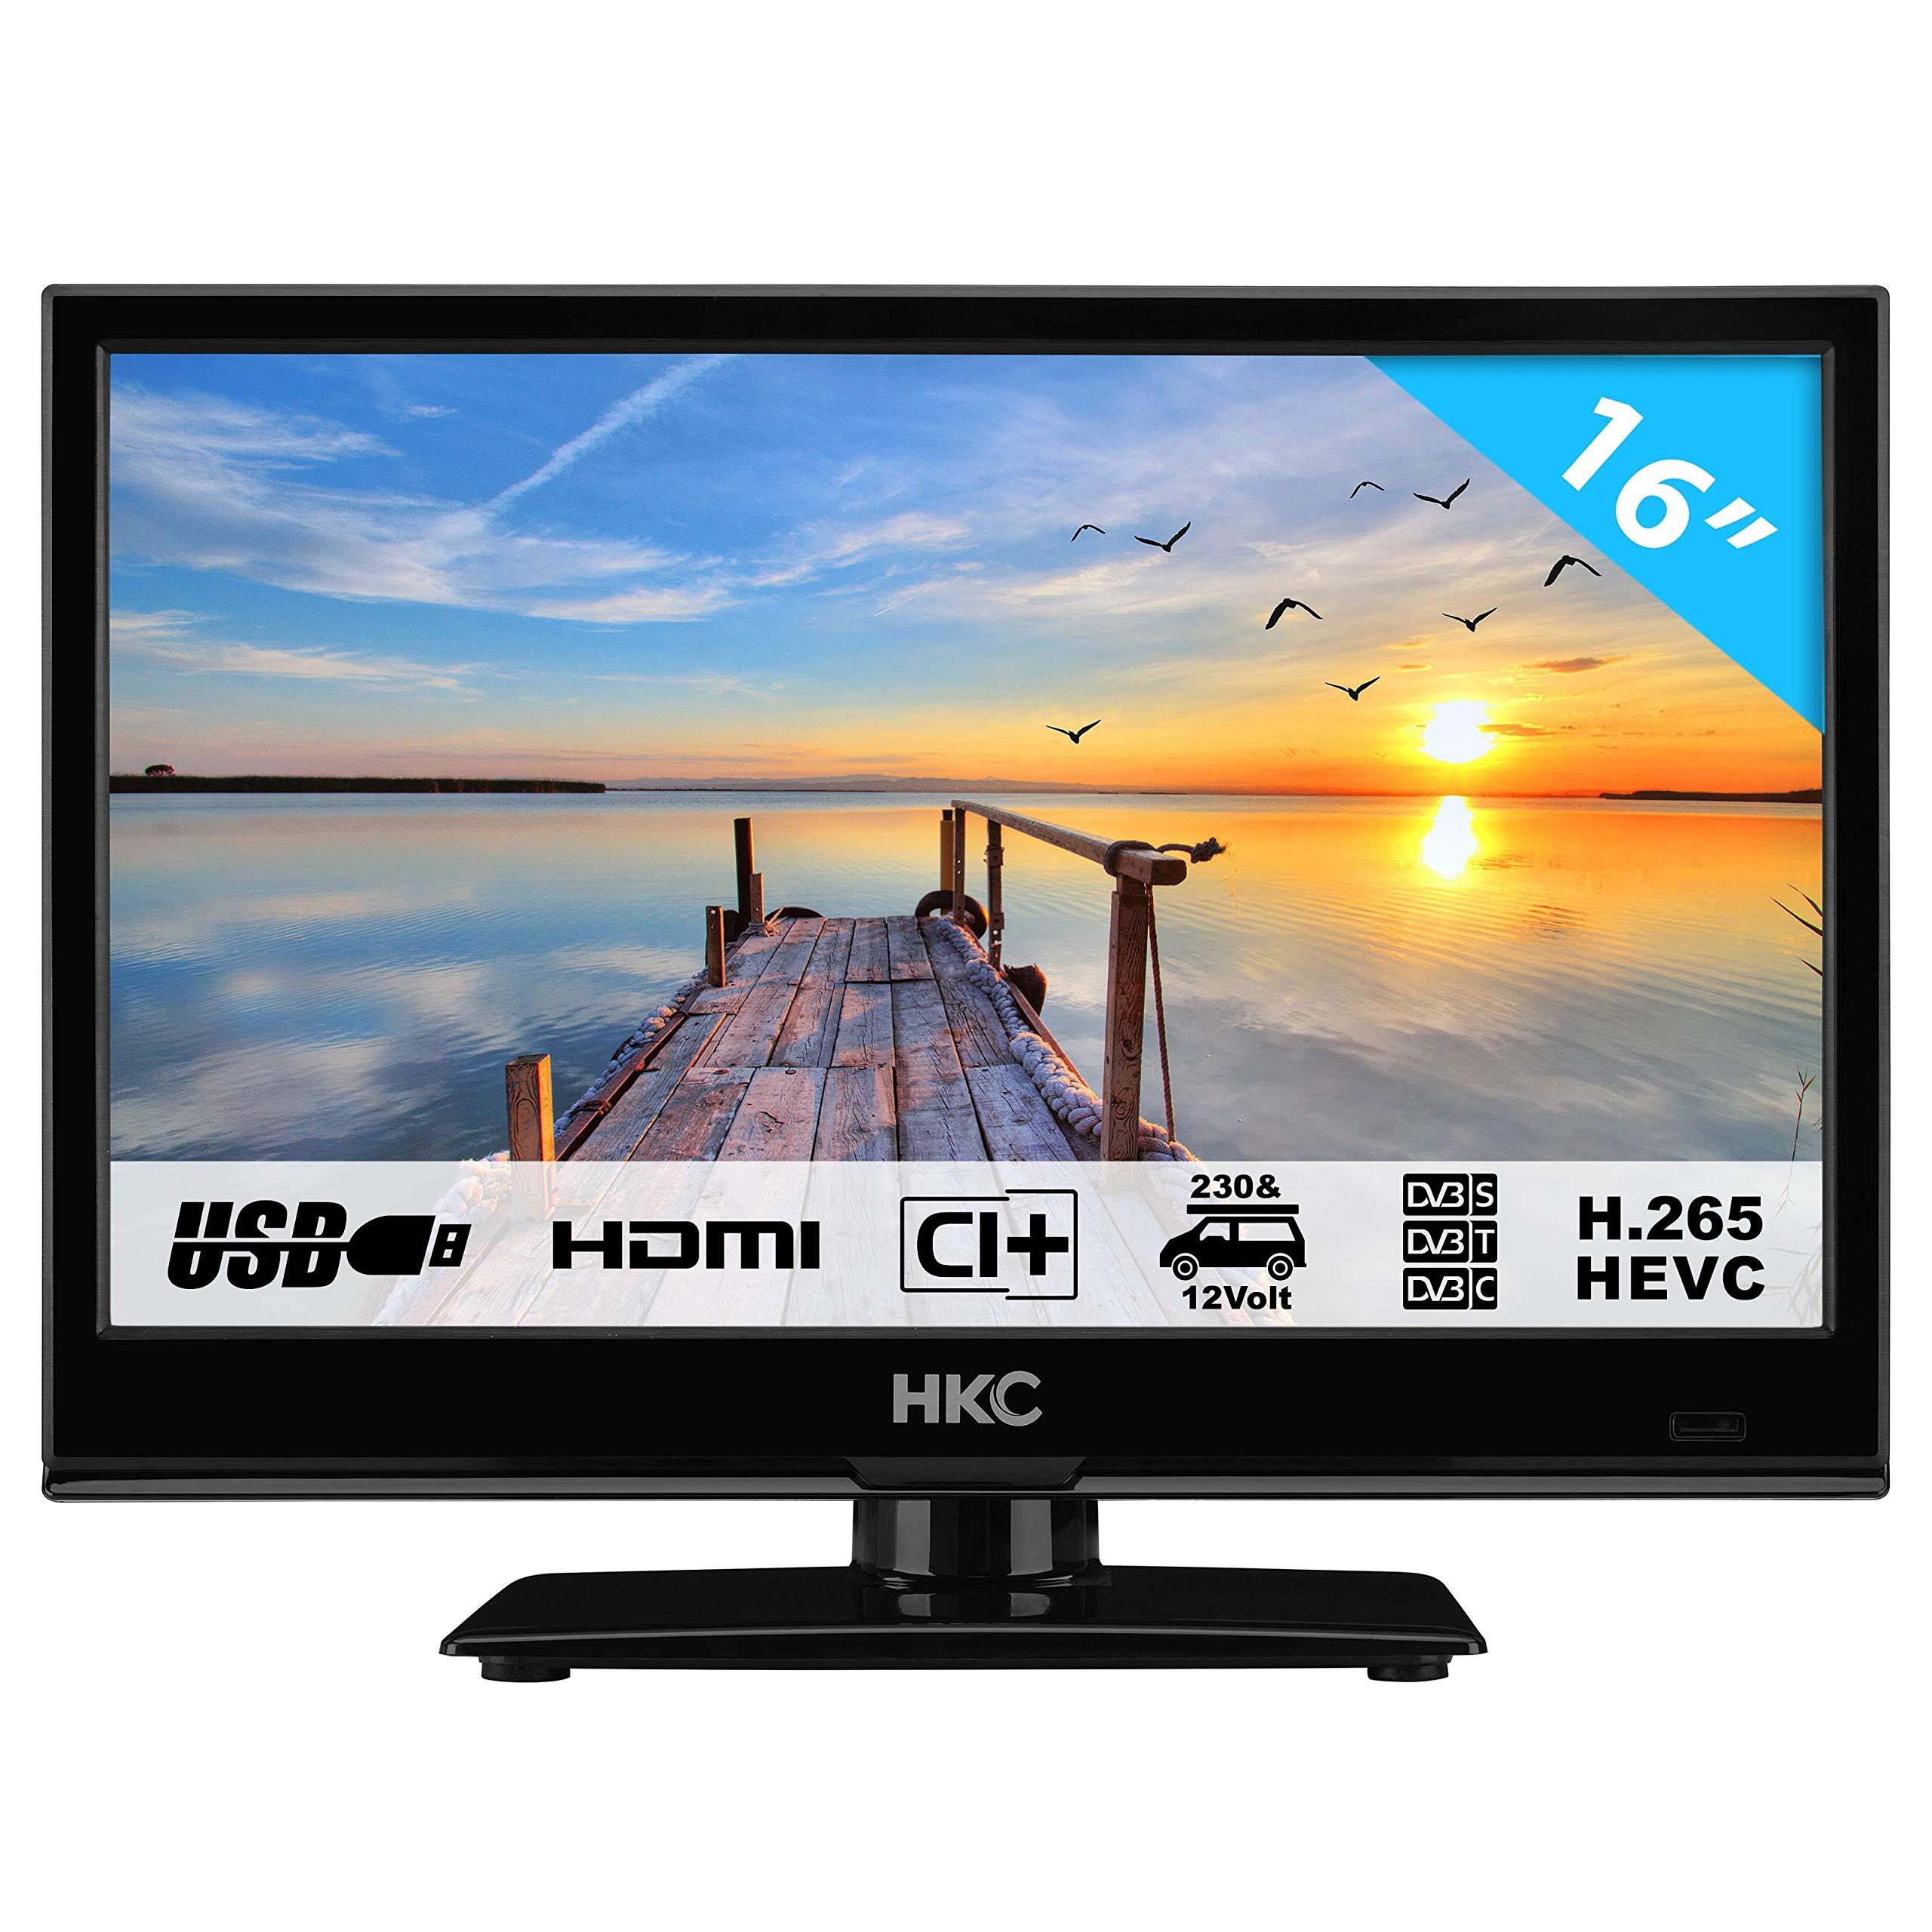 HKC 16M4 39.6 cm (15.6 Pouces) LED téléviseur (HD Ready, Triple Tuner DVB-T2 / T/C / S2 / S, H.265 HEVC, CI+, Lecteur multimédia Via Port, Chargeur de Voiture 230 V/12 V) [Classe énergétique A+]